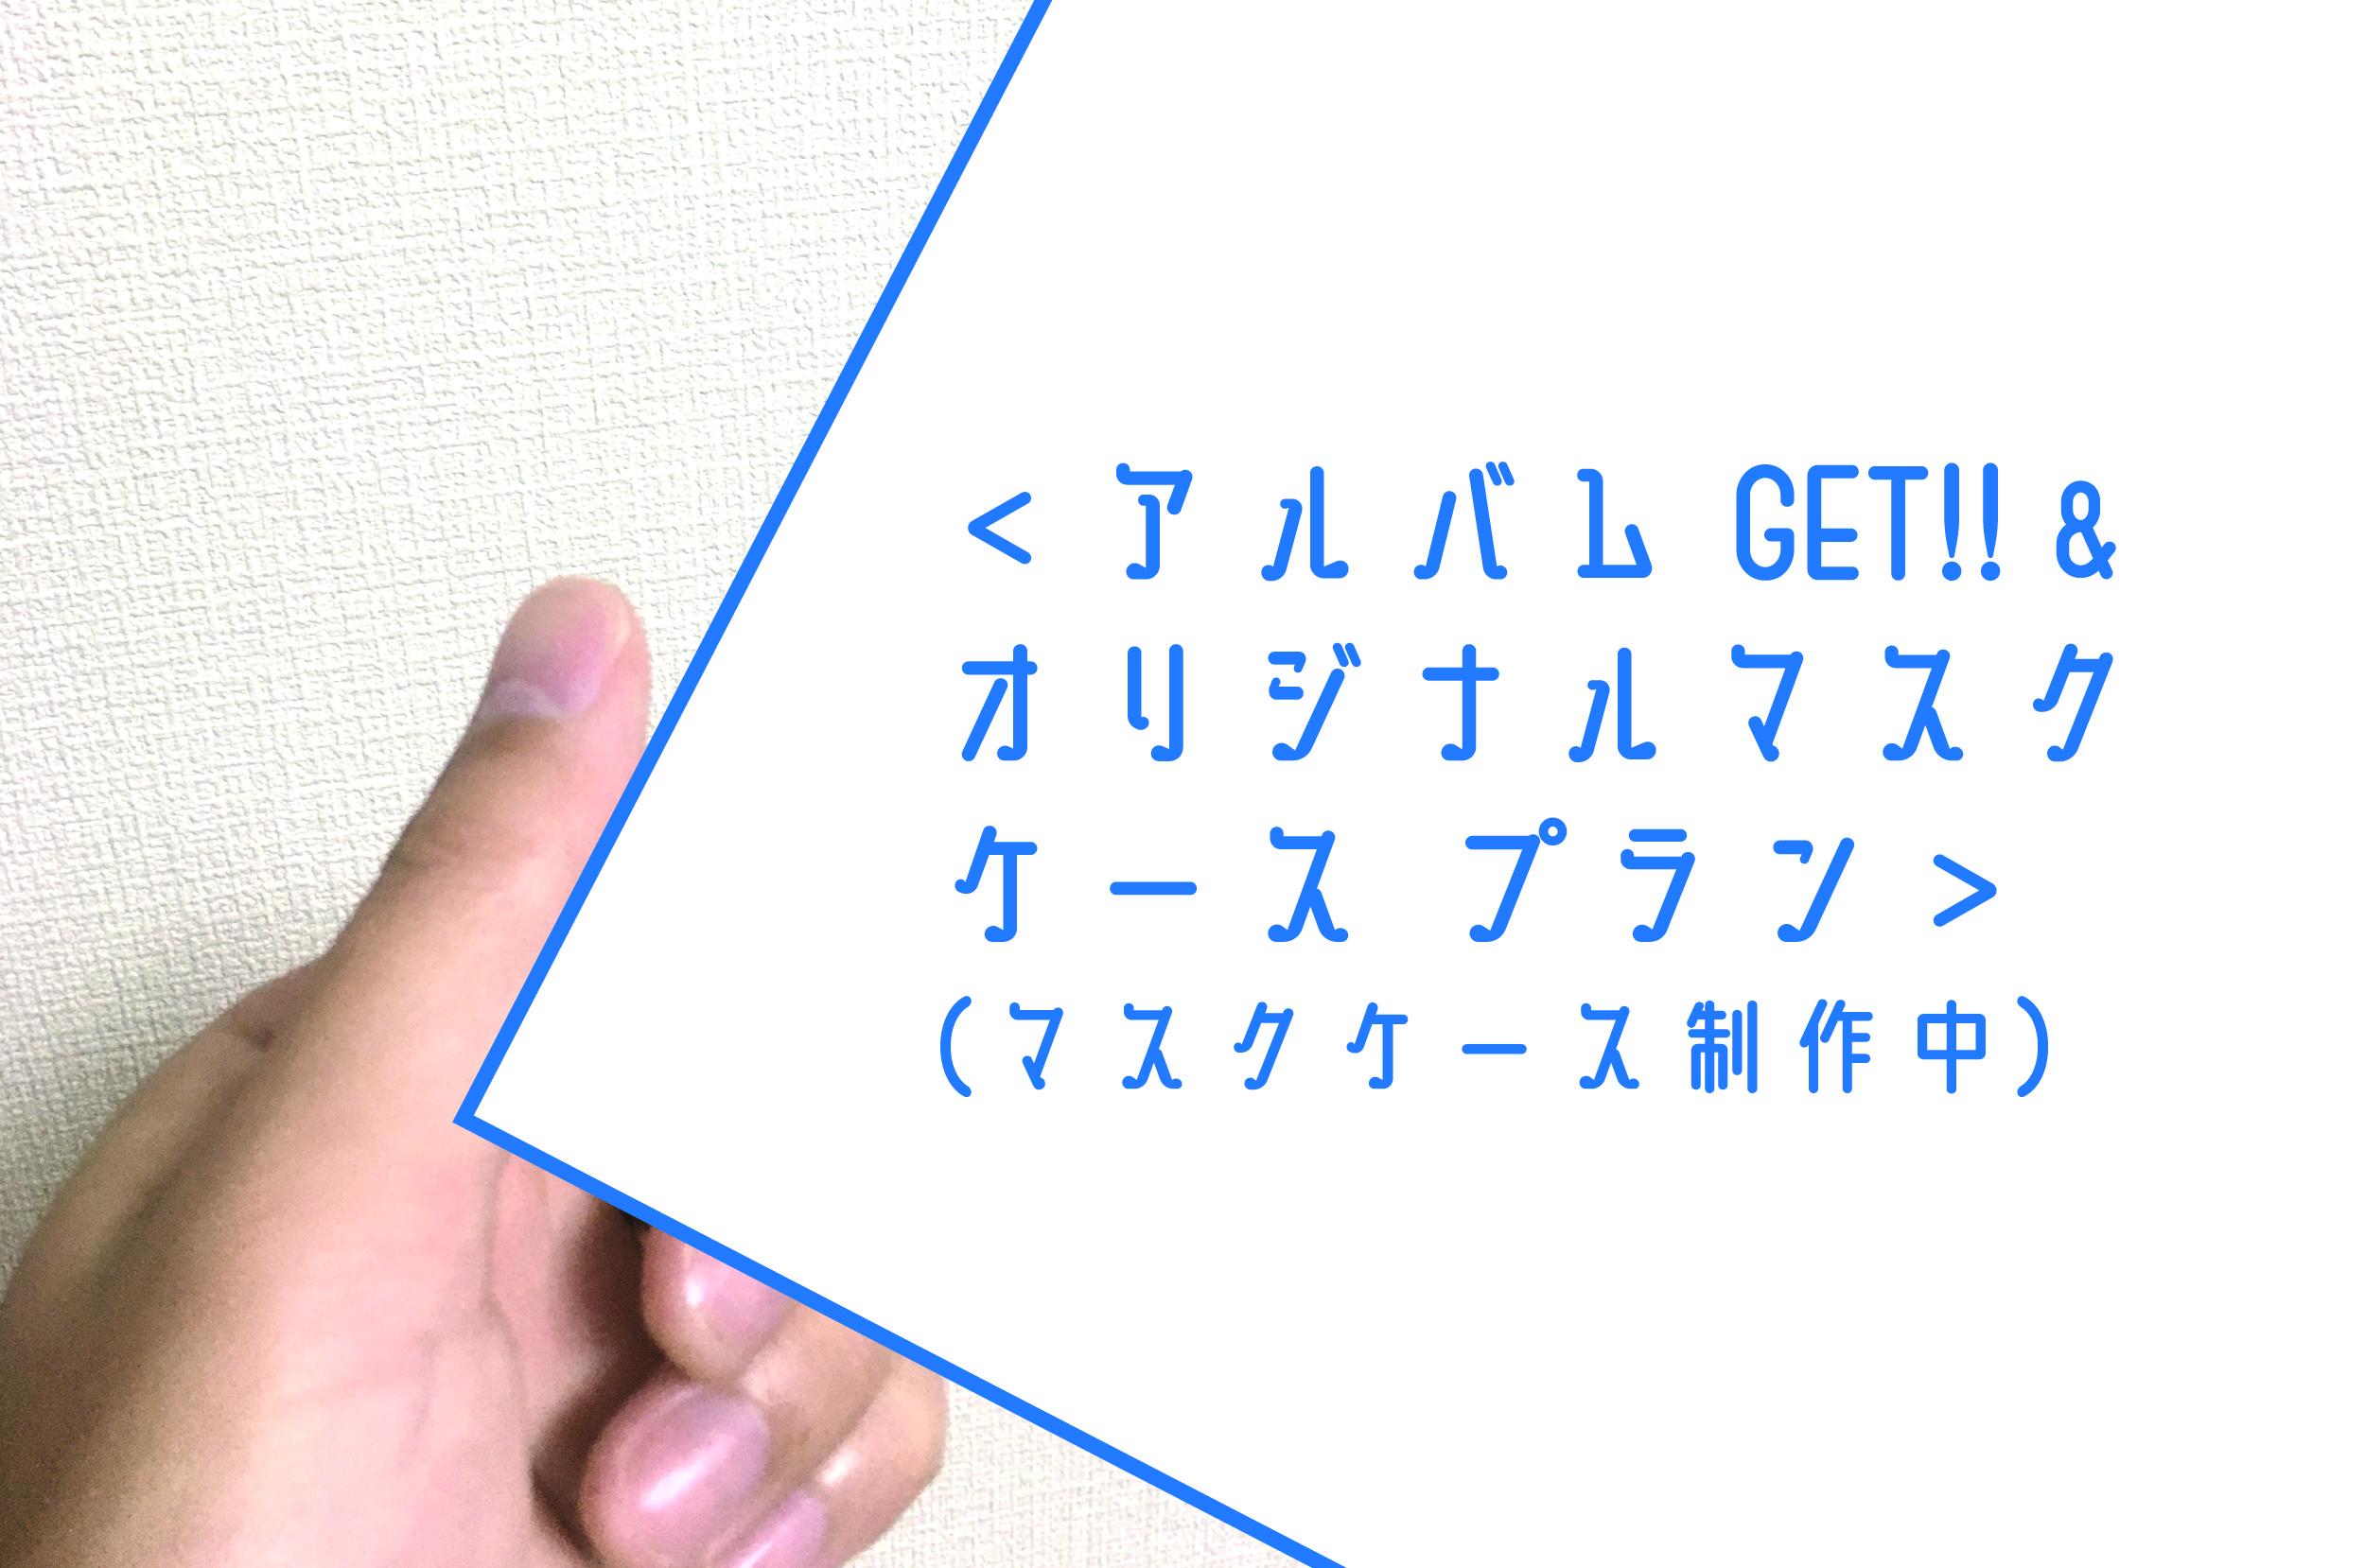 <アルバムGET!! & オリジナルマスクケース プラン>